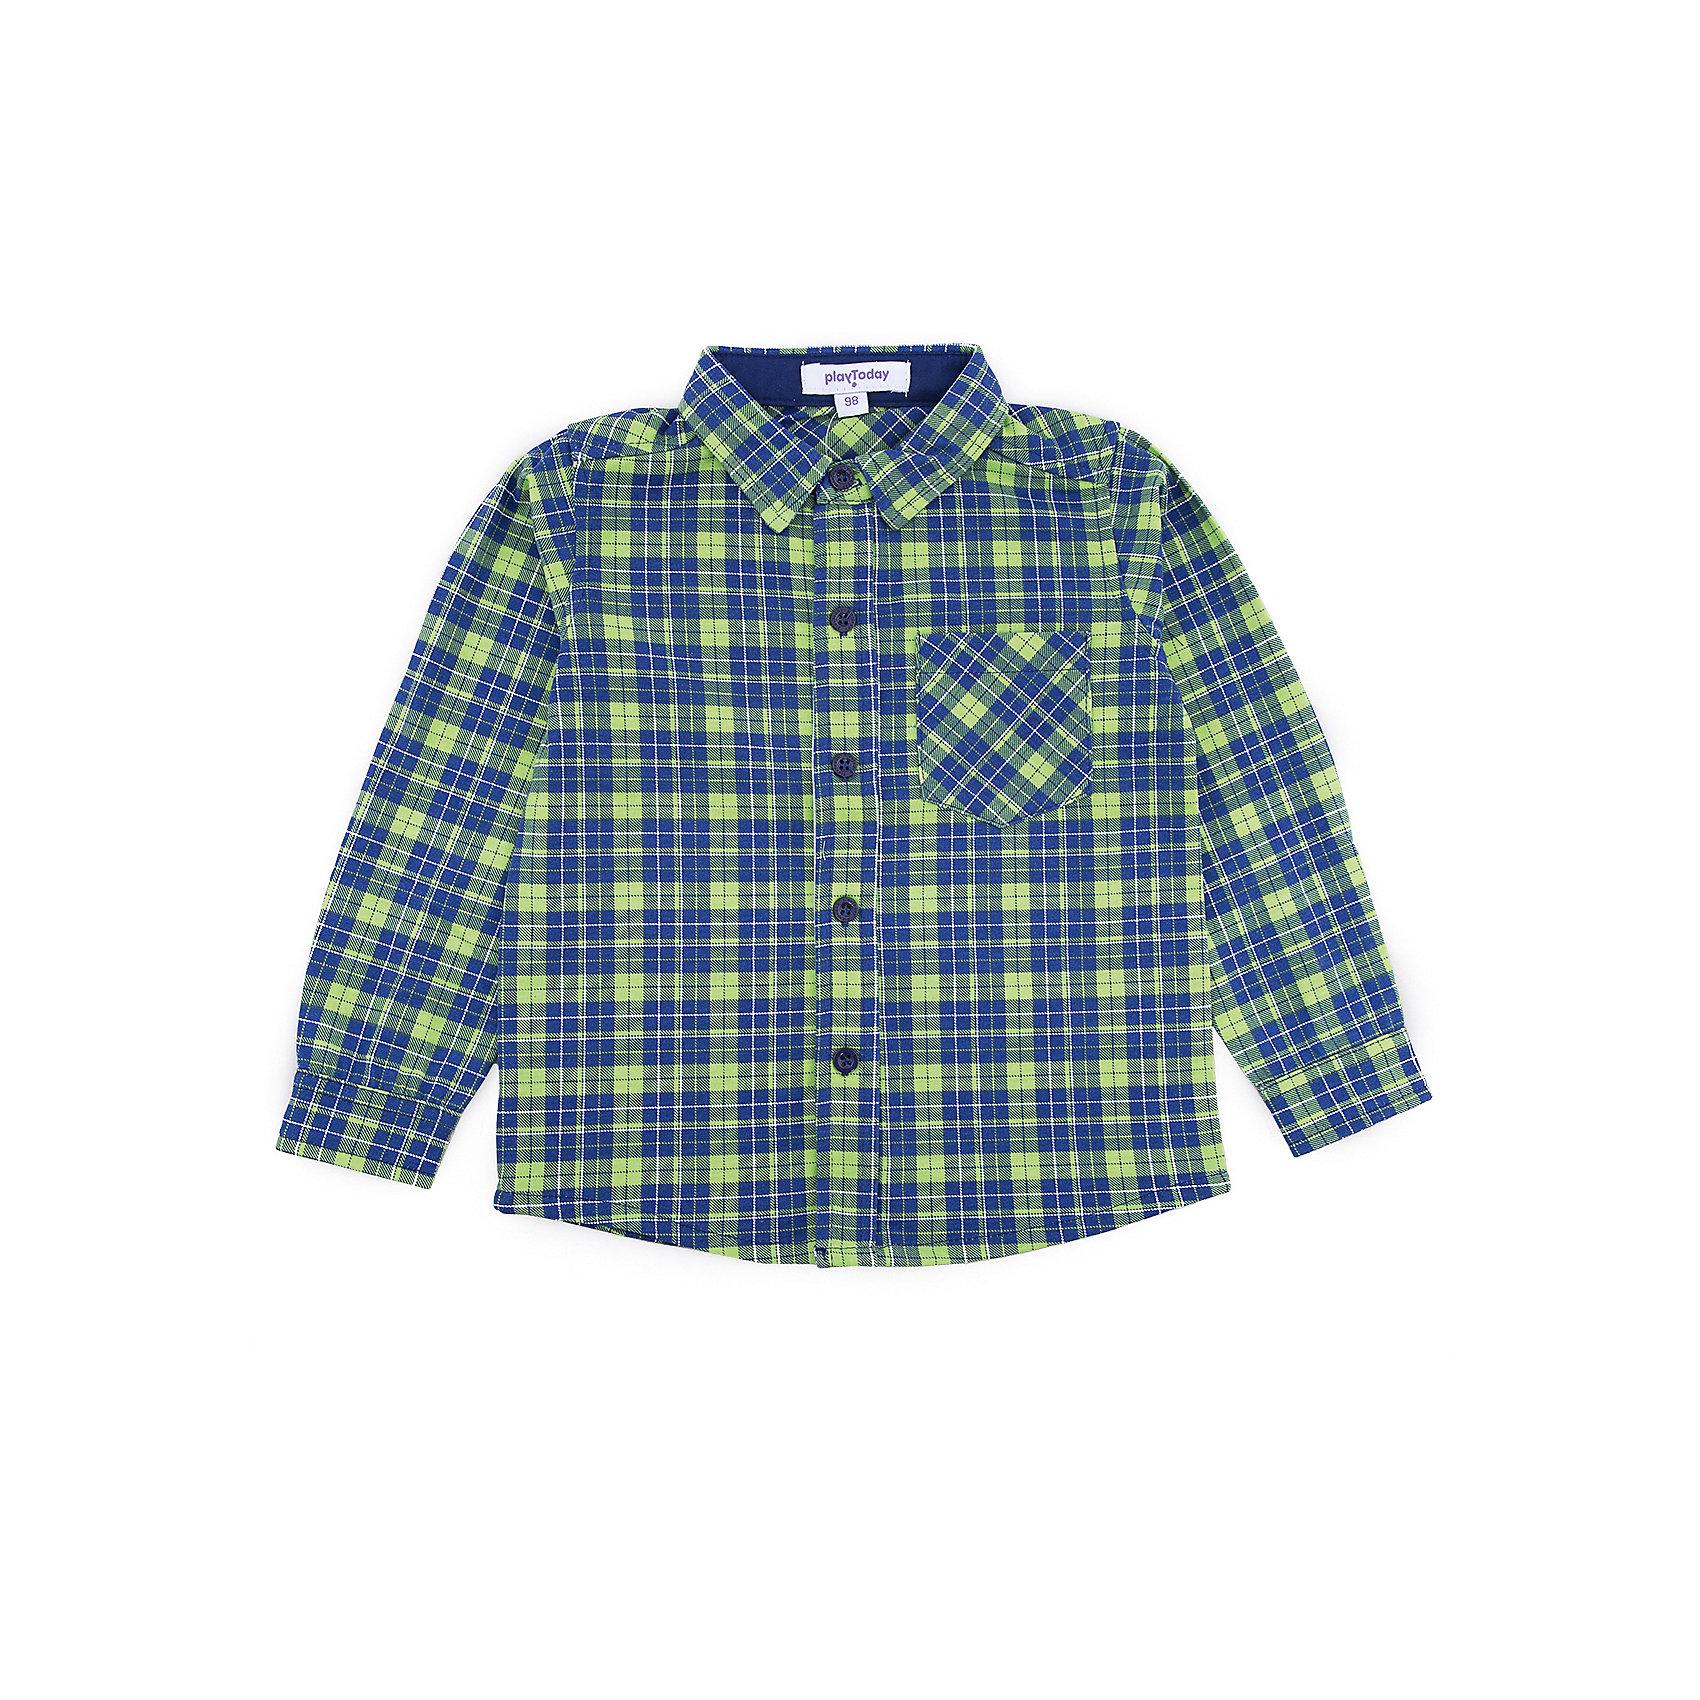 Рубашка PlayToday для мальчикаБлузки и рубашки<br>Рубашка PlayToday для мальчика<br>Практичная сорочка с длинным рукавом - отличное решение для повседневного гардероба ребенка. Ткань  мягкая и приятная на ощупь, не раздражает нежную детскую кожу. Стиль отвечает всем последним тенденциям детской моды.  Рубашка с отложным воротником. Даже в самой активной игре ребенок будет всегда иметь аккуратный вид. Модель дополнена вставками на рукавах.<br>Состав:<br>65% хлопок, 35% полиэстер<br><br>Ширина мм: 174<br>Глубина мм: 10<br>Высота мм: 169<br>Вес г: 157<br>Цвет: белый<br>Возраст от месяцев: 84<br>Возраст до месяцев: 96<br>Пол: Мужской<br>Возраст: Детский<br>Размер: 128,98,104,110,116,122<br>SKU: 7110844